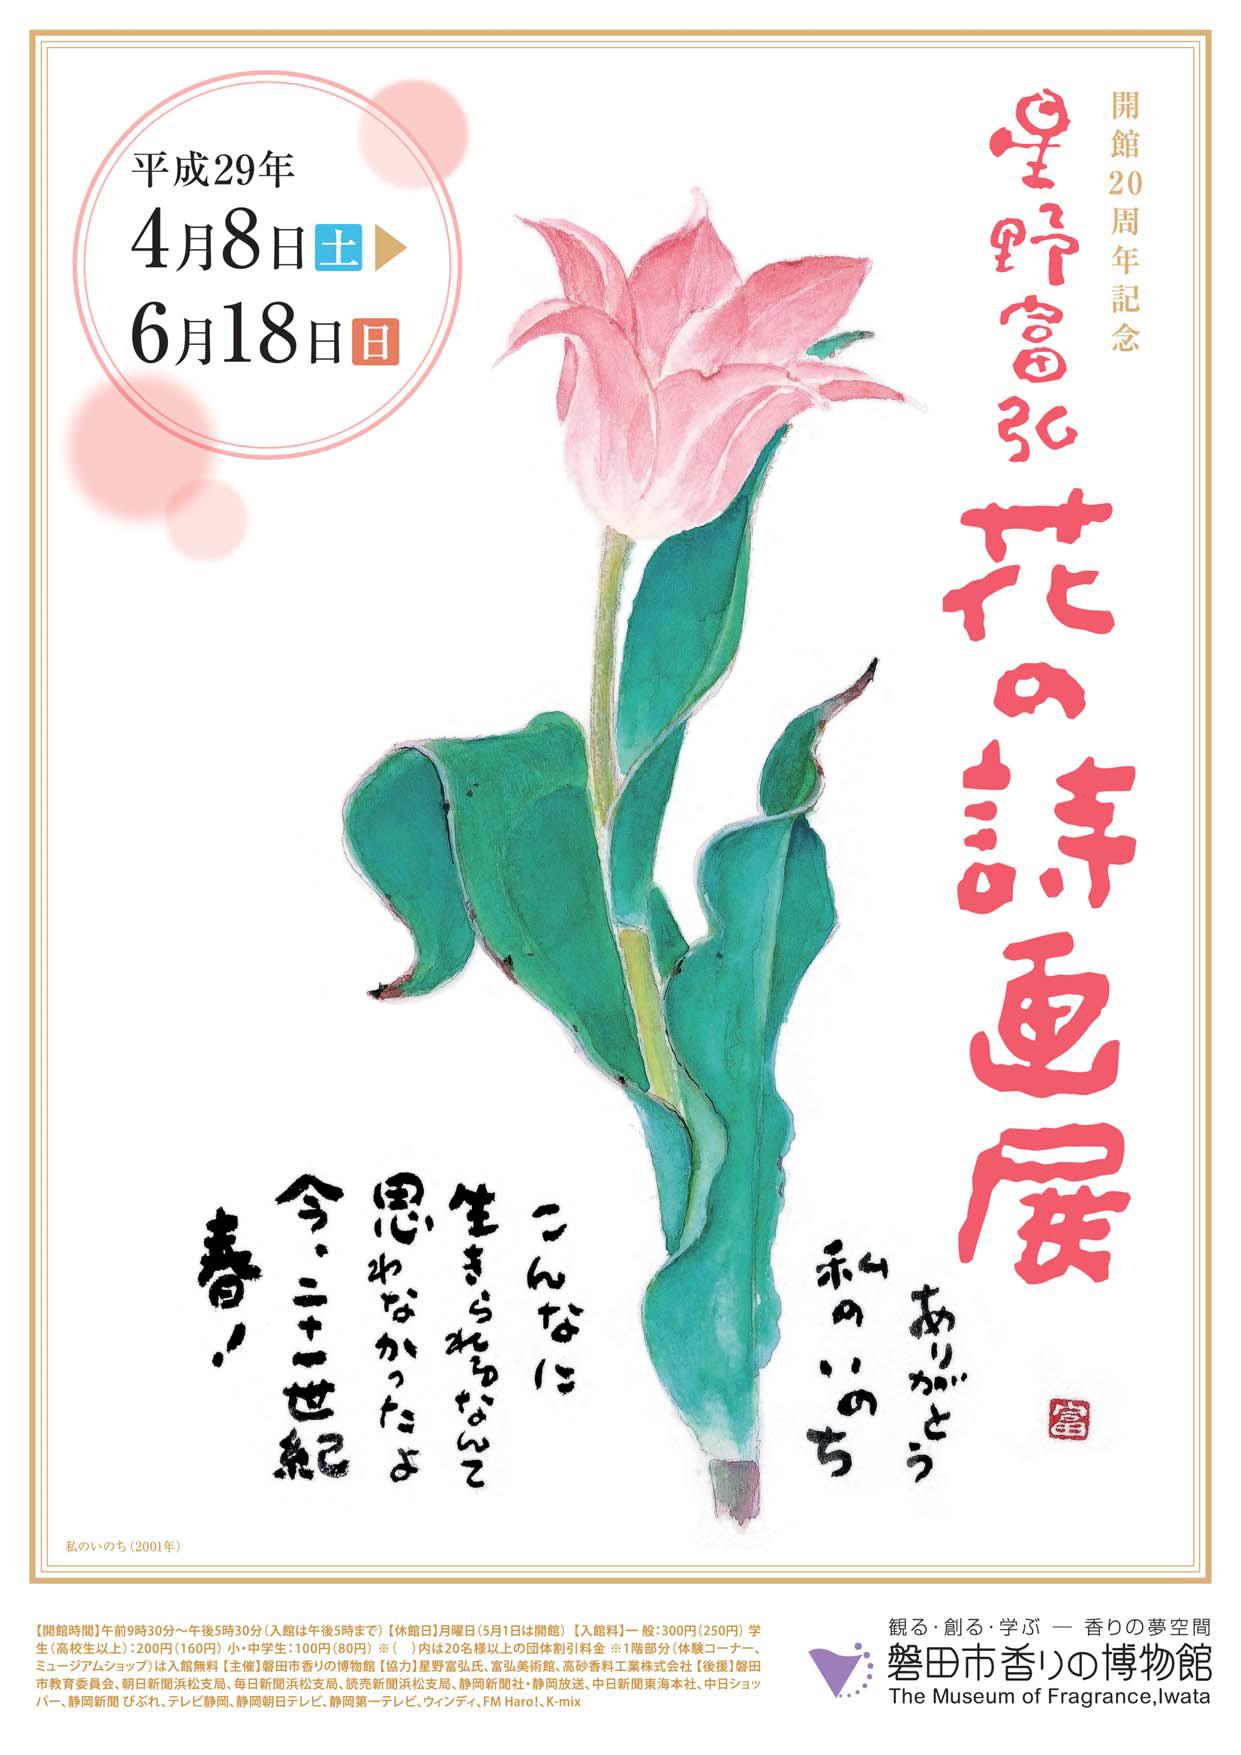 開館20周年記念 星野富弘 花の詩画展